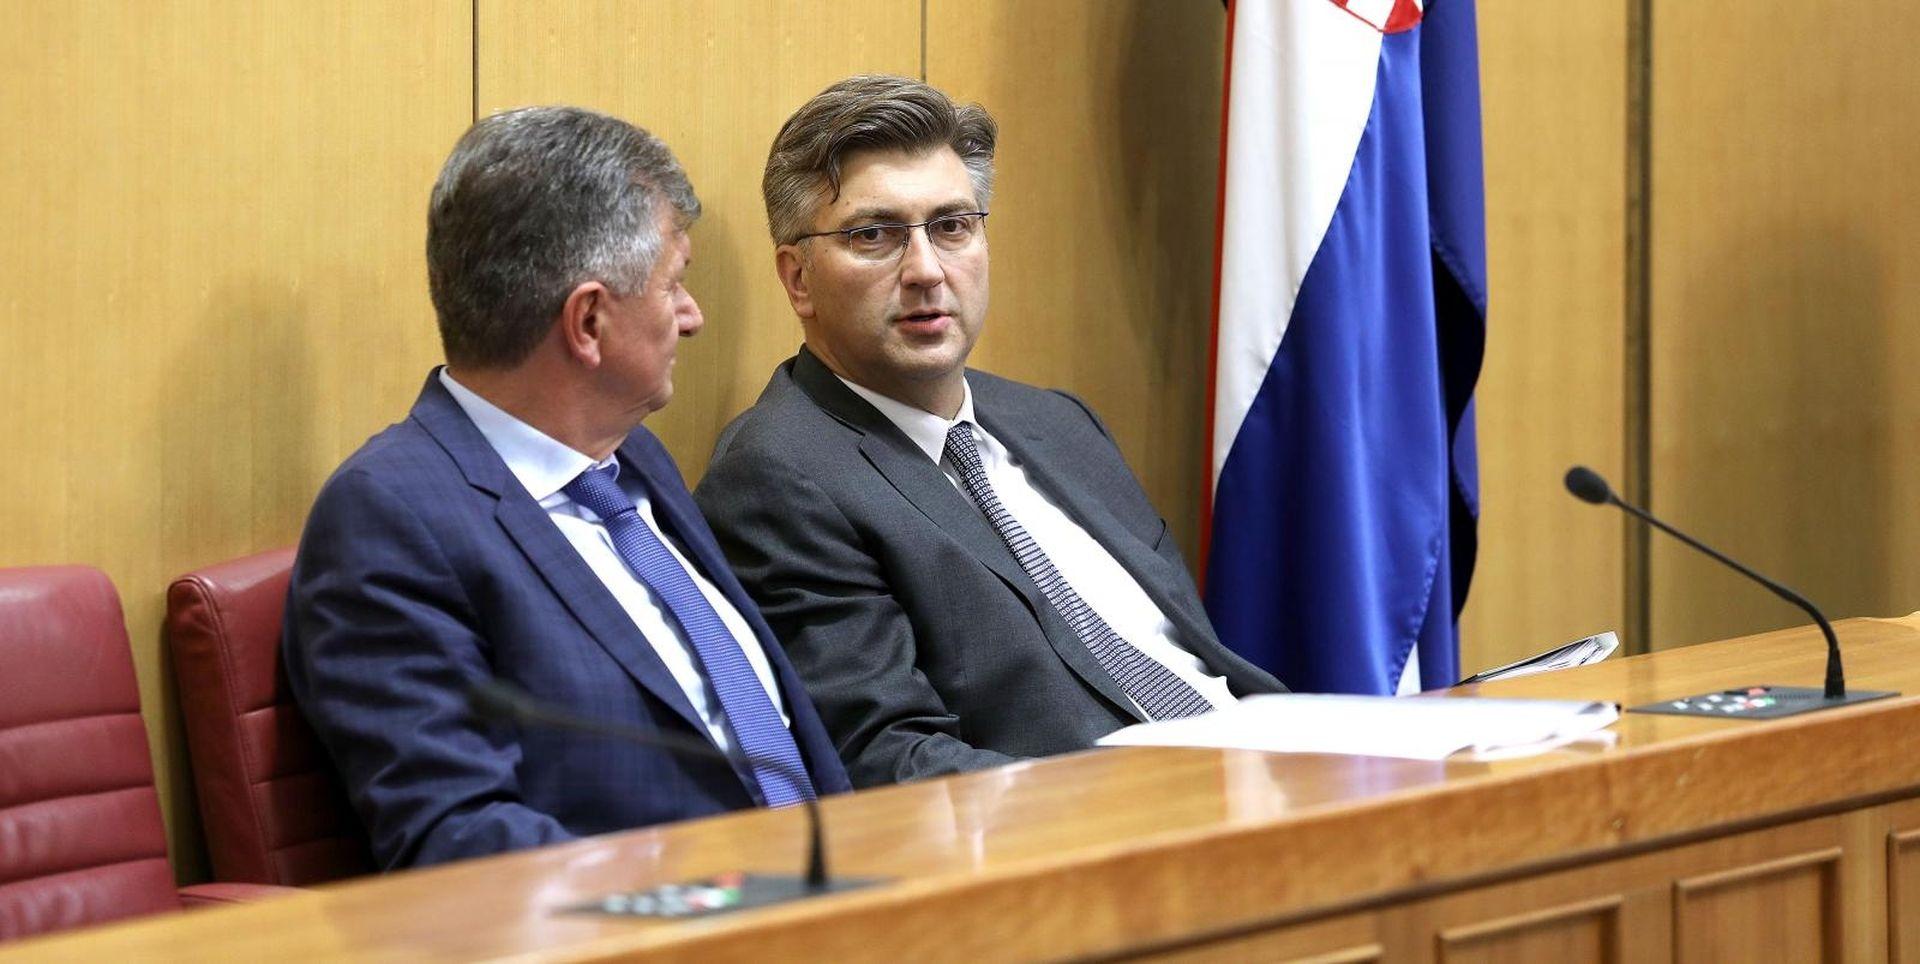 AKTUALAC U SABORU Premijer i ministri odgovaraju na zastupnička pitanja